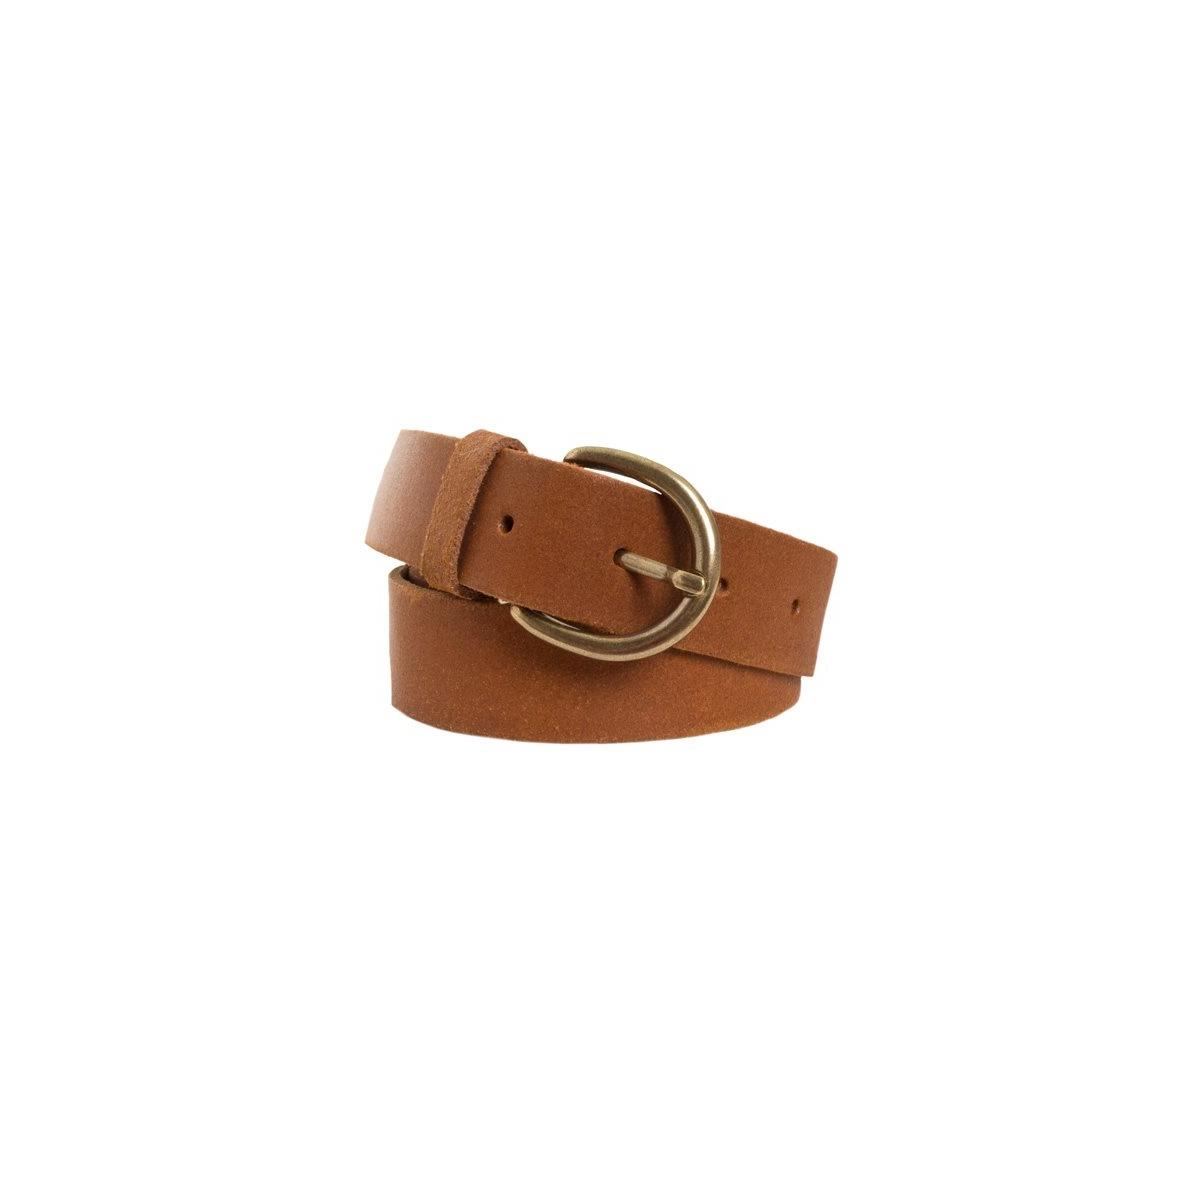 london leather jeans belt 17033524 pieces riem cognac